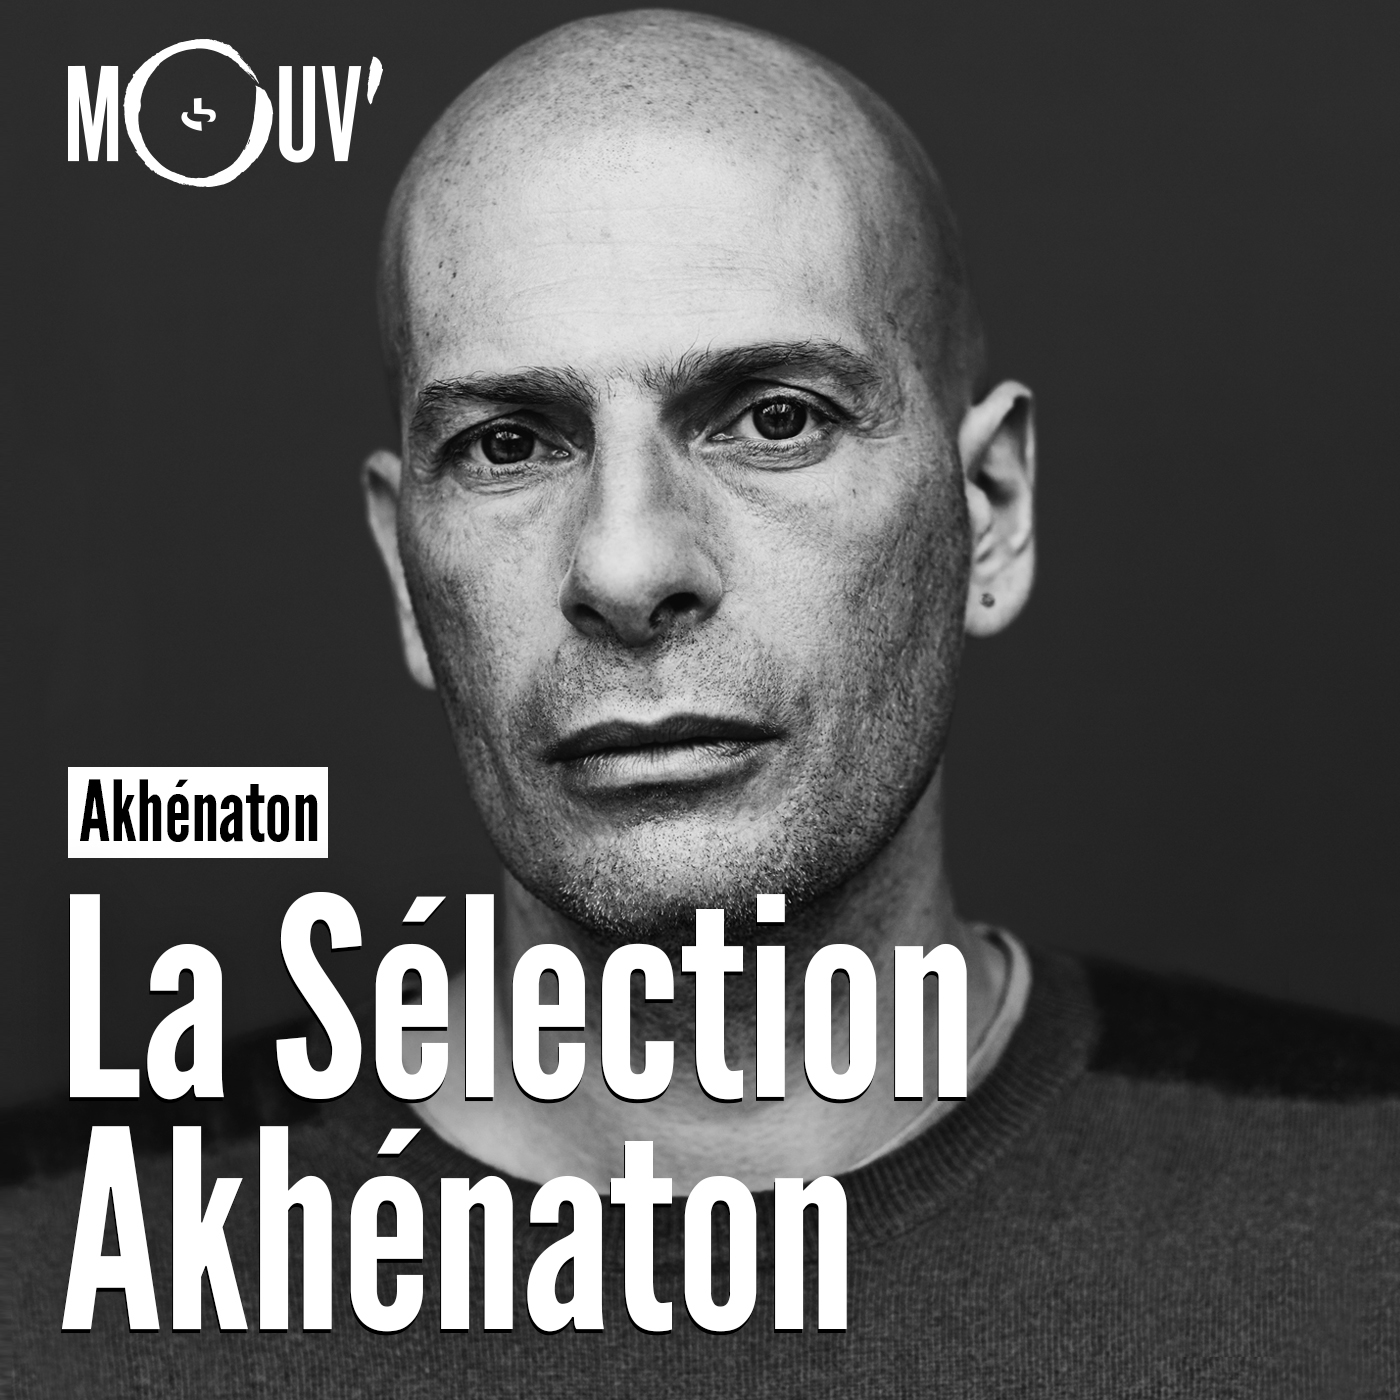 La sélection Akhénaton:Mouv'